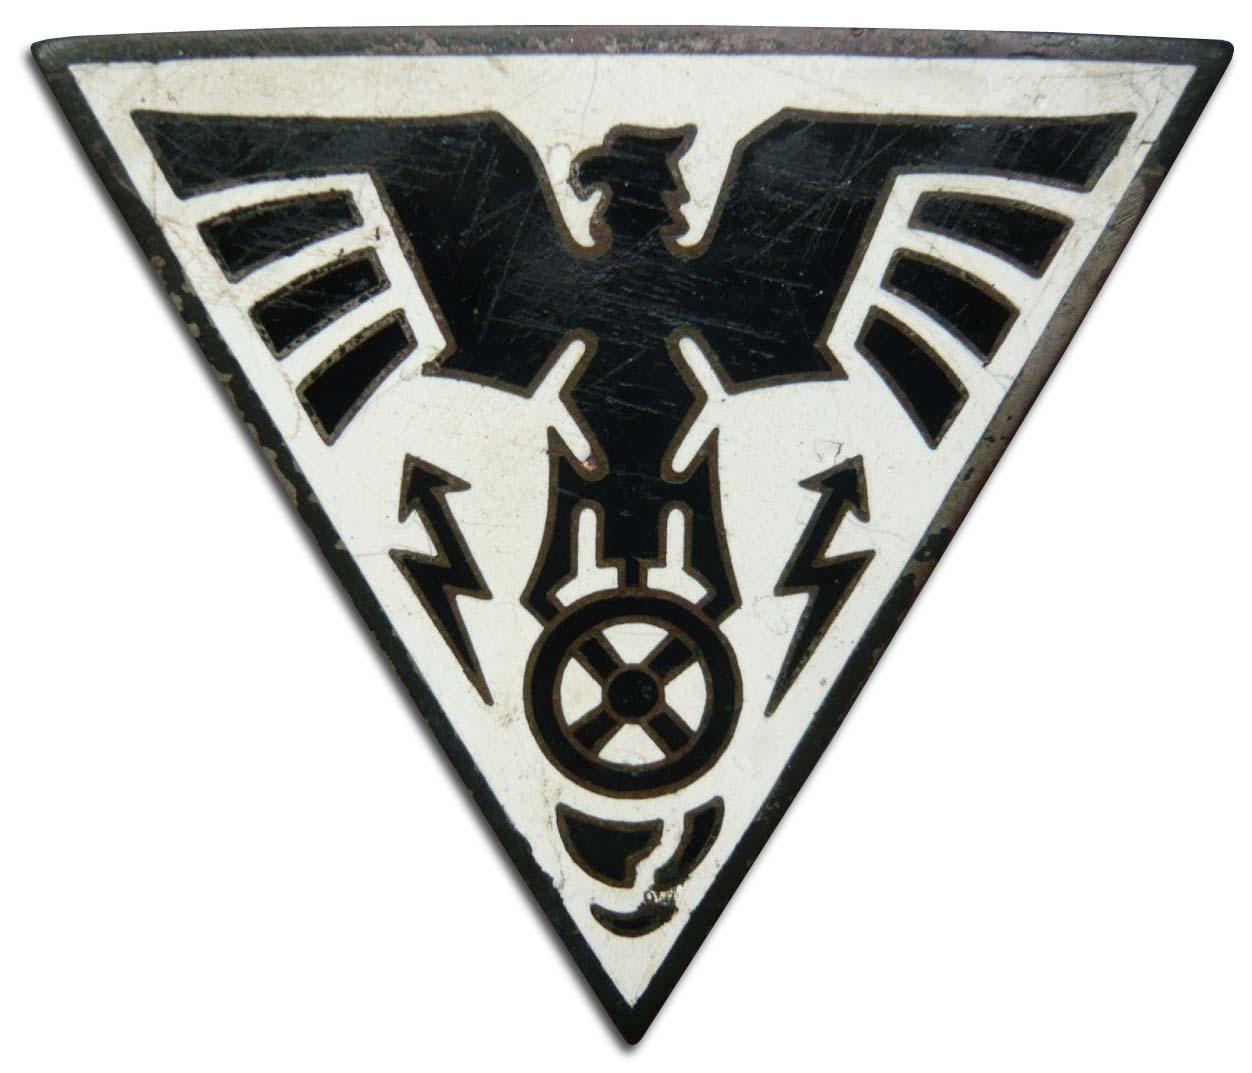 Adler 6_25 LKW (1926)